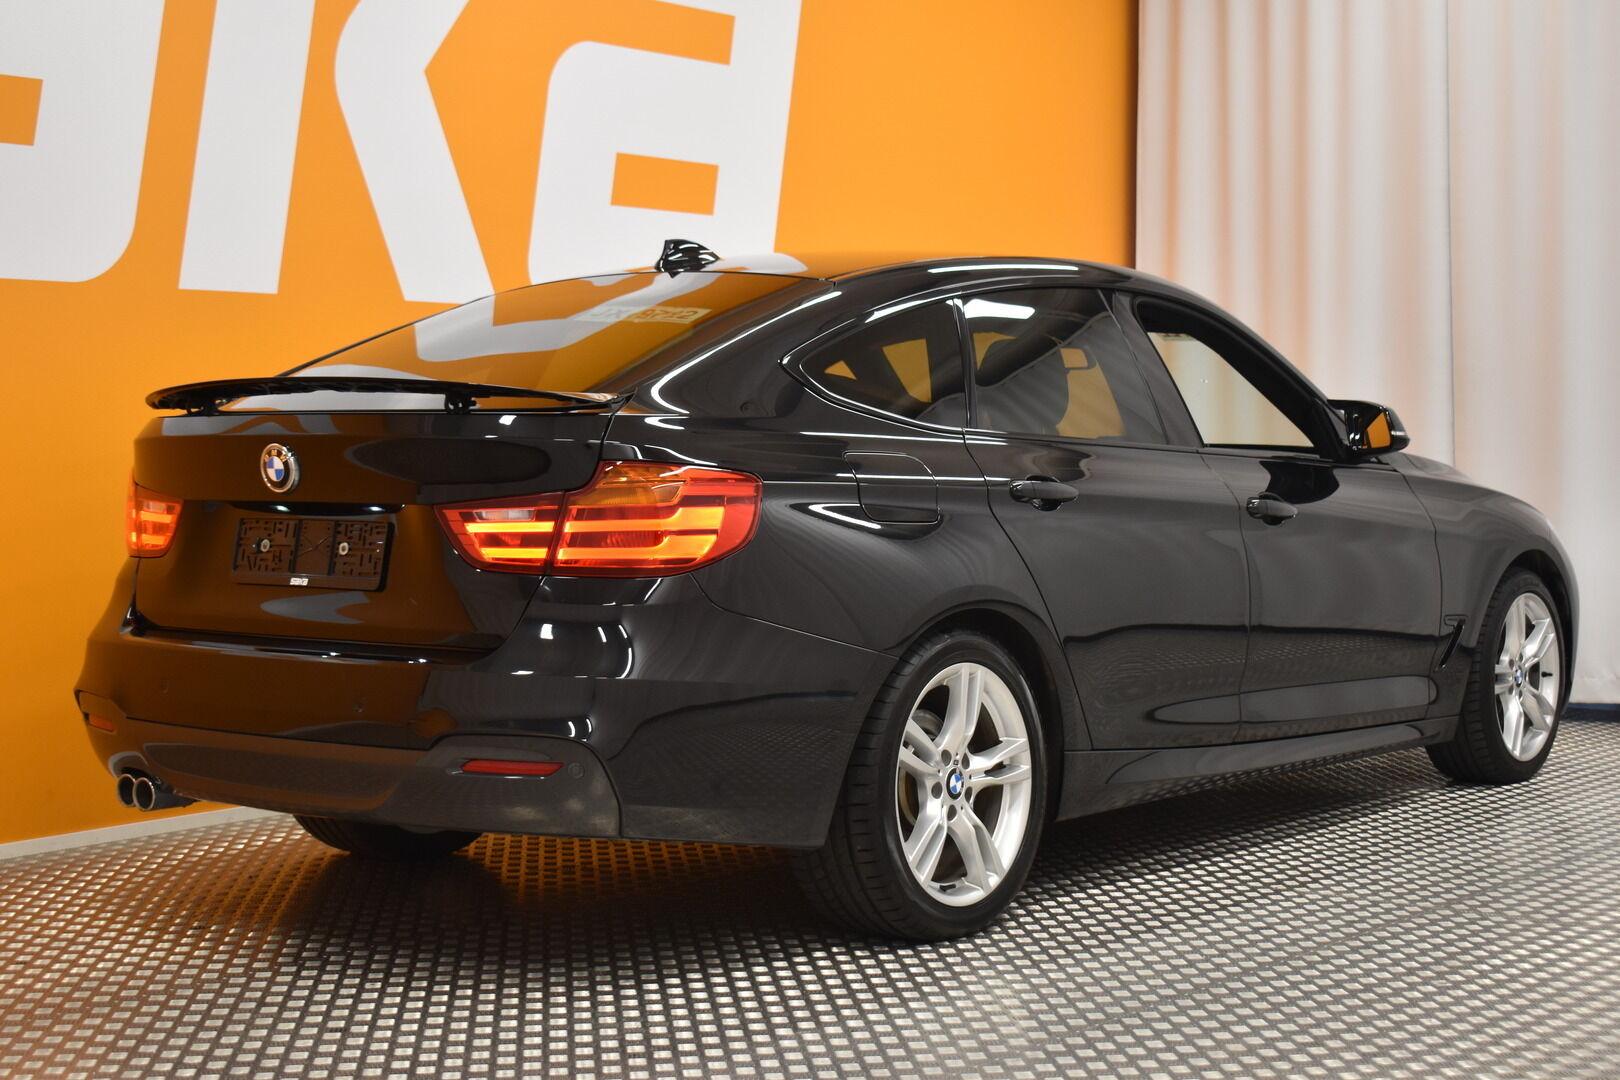 Musta Sedan, BMW 320 Gran Turismo – KOU-73563, kuva 24